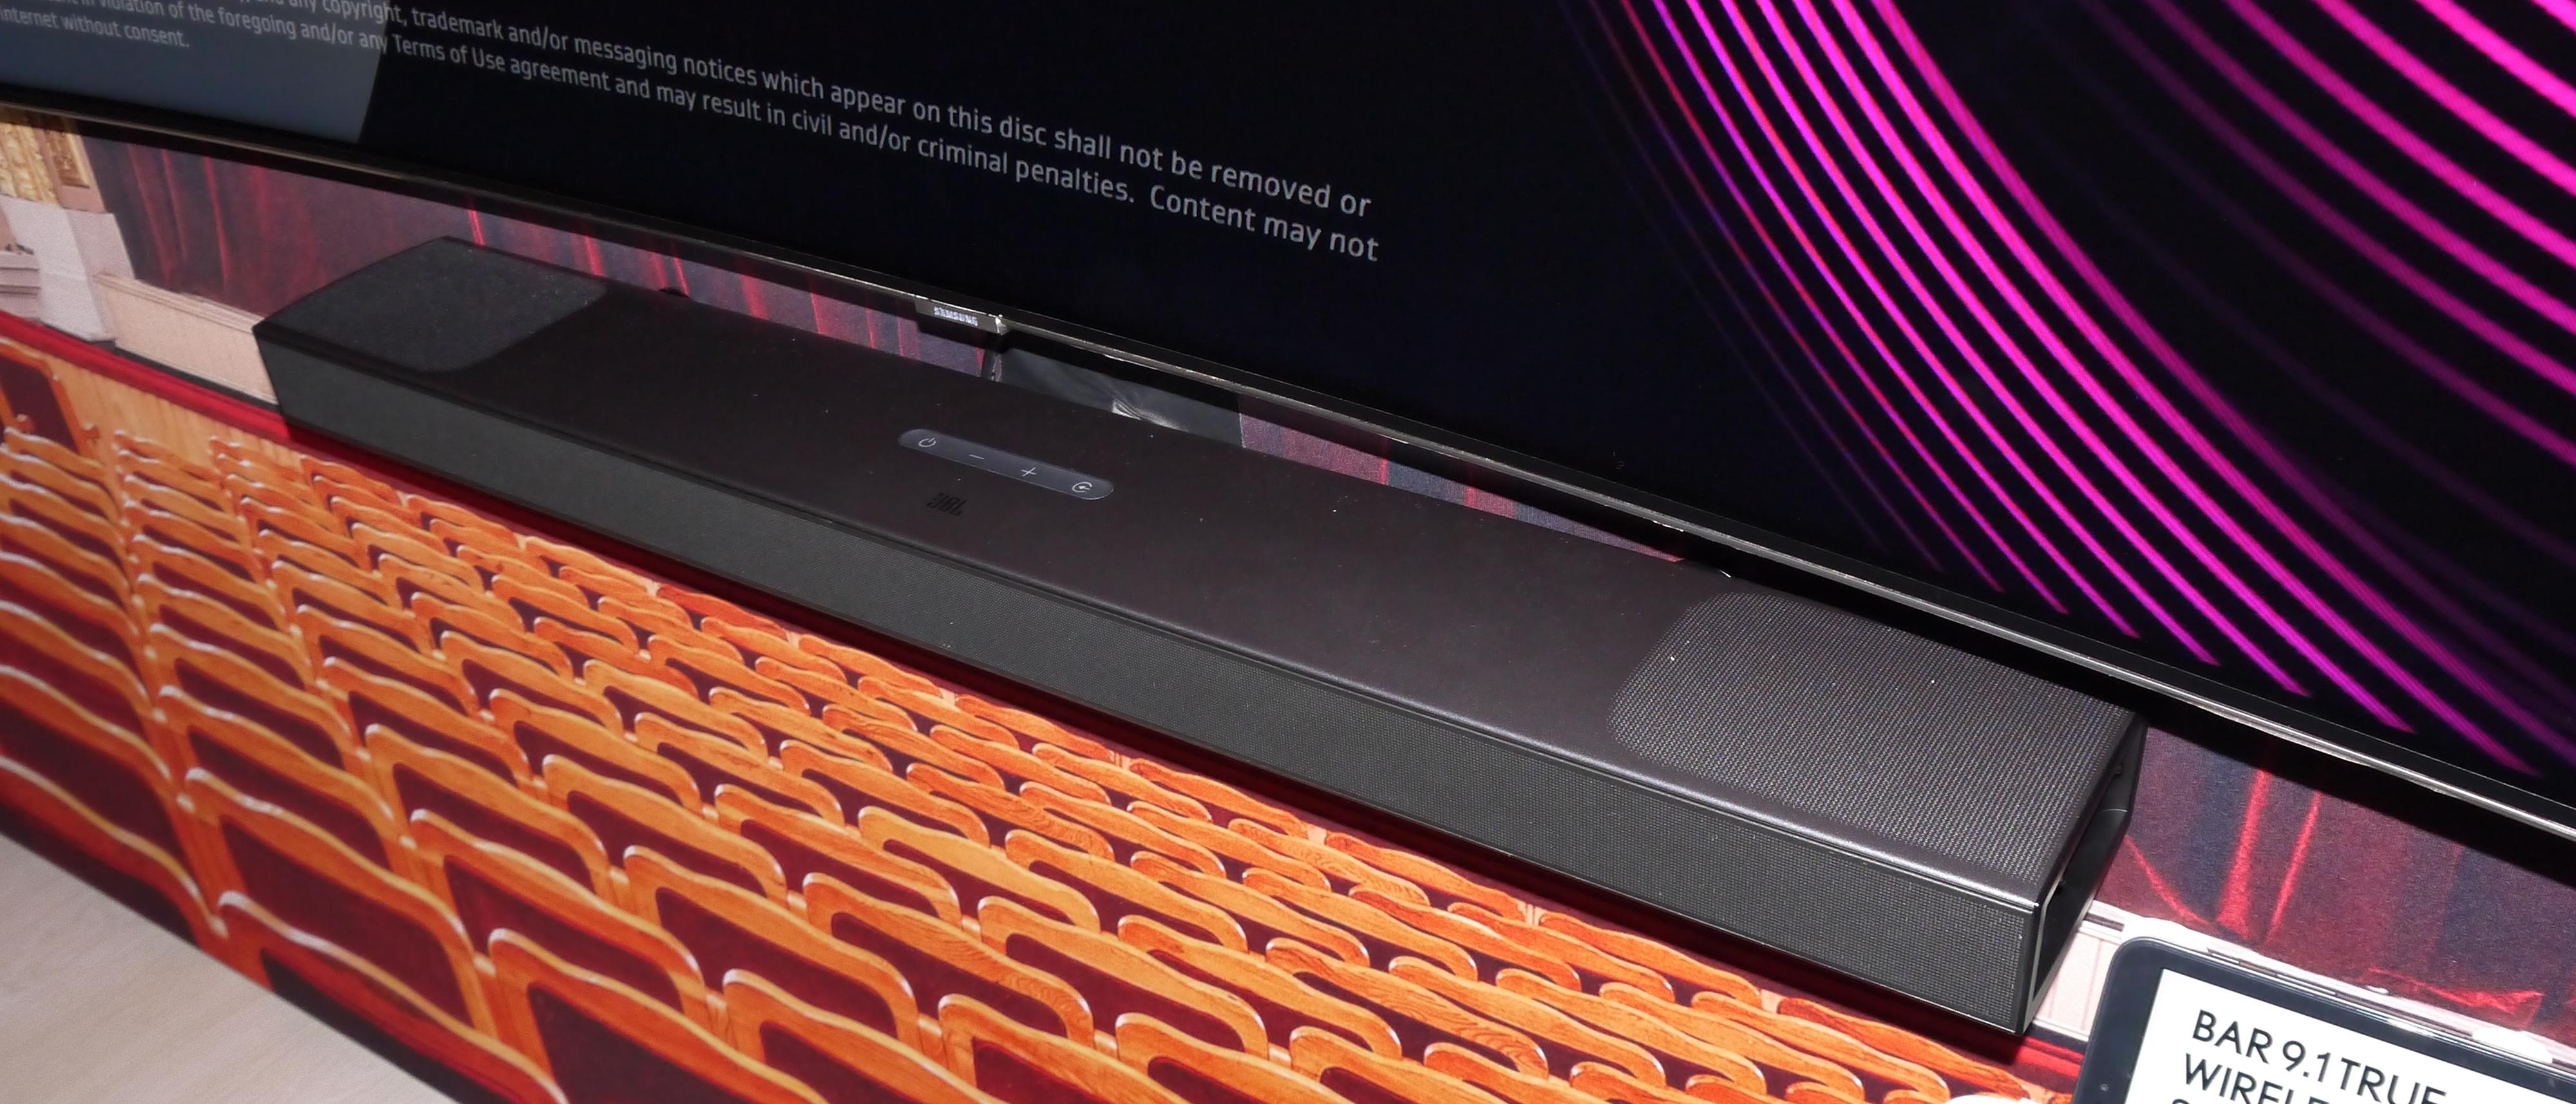 Hands on: JBL Bar 9.1 review | TechRadar